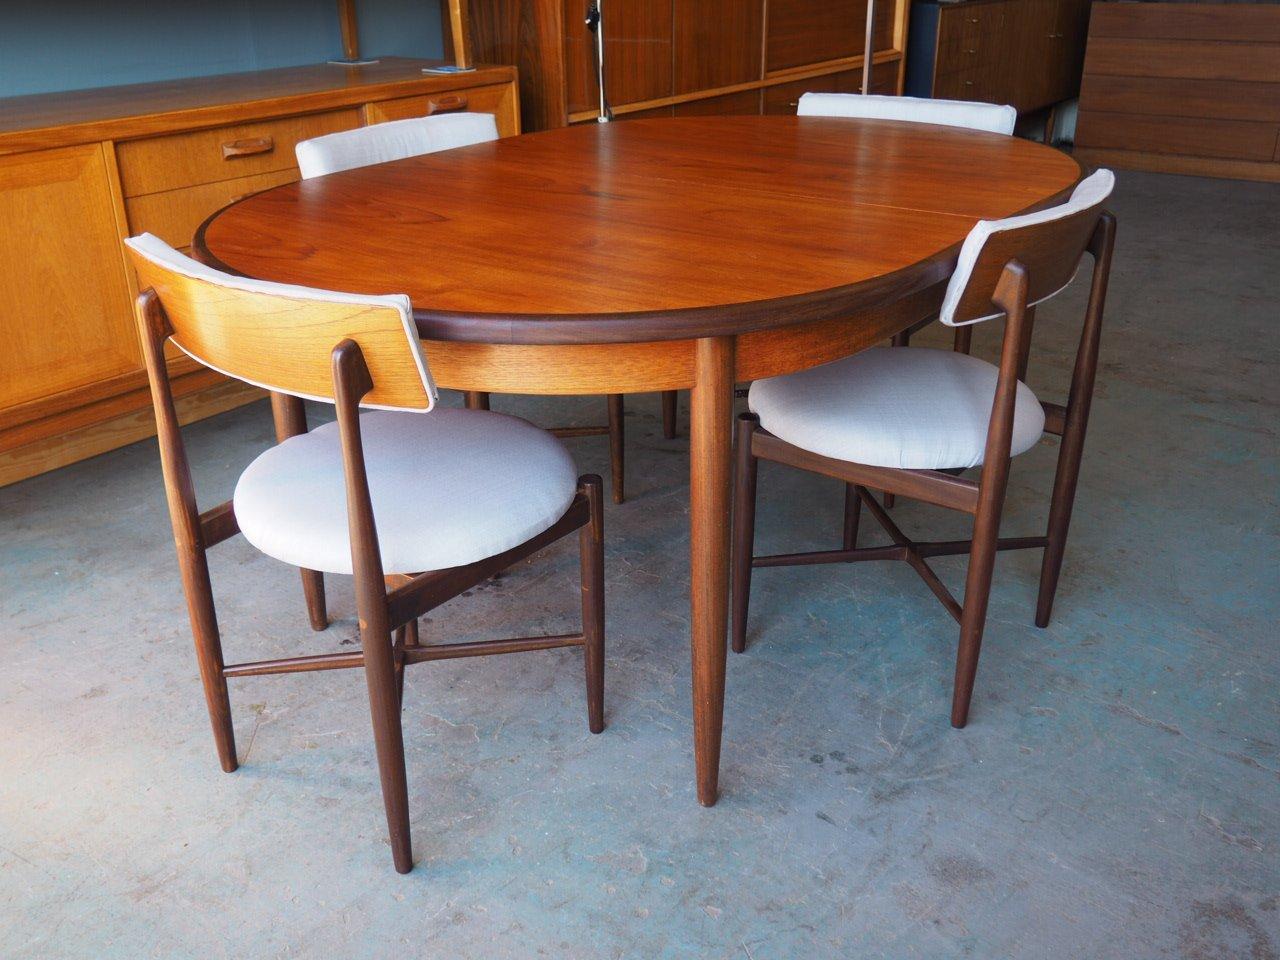 Sedie E Tavoli Vintage.Tavolo E 4 Sedie Da Pranzo Serie Range Vintage Di G Plan In Vendita